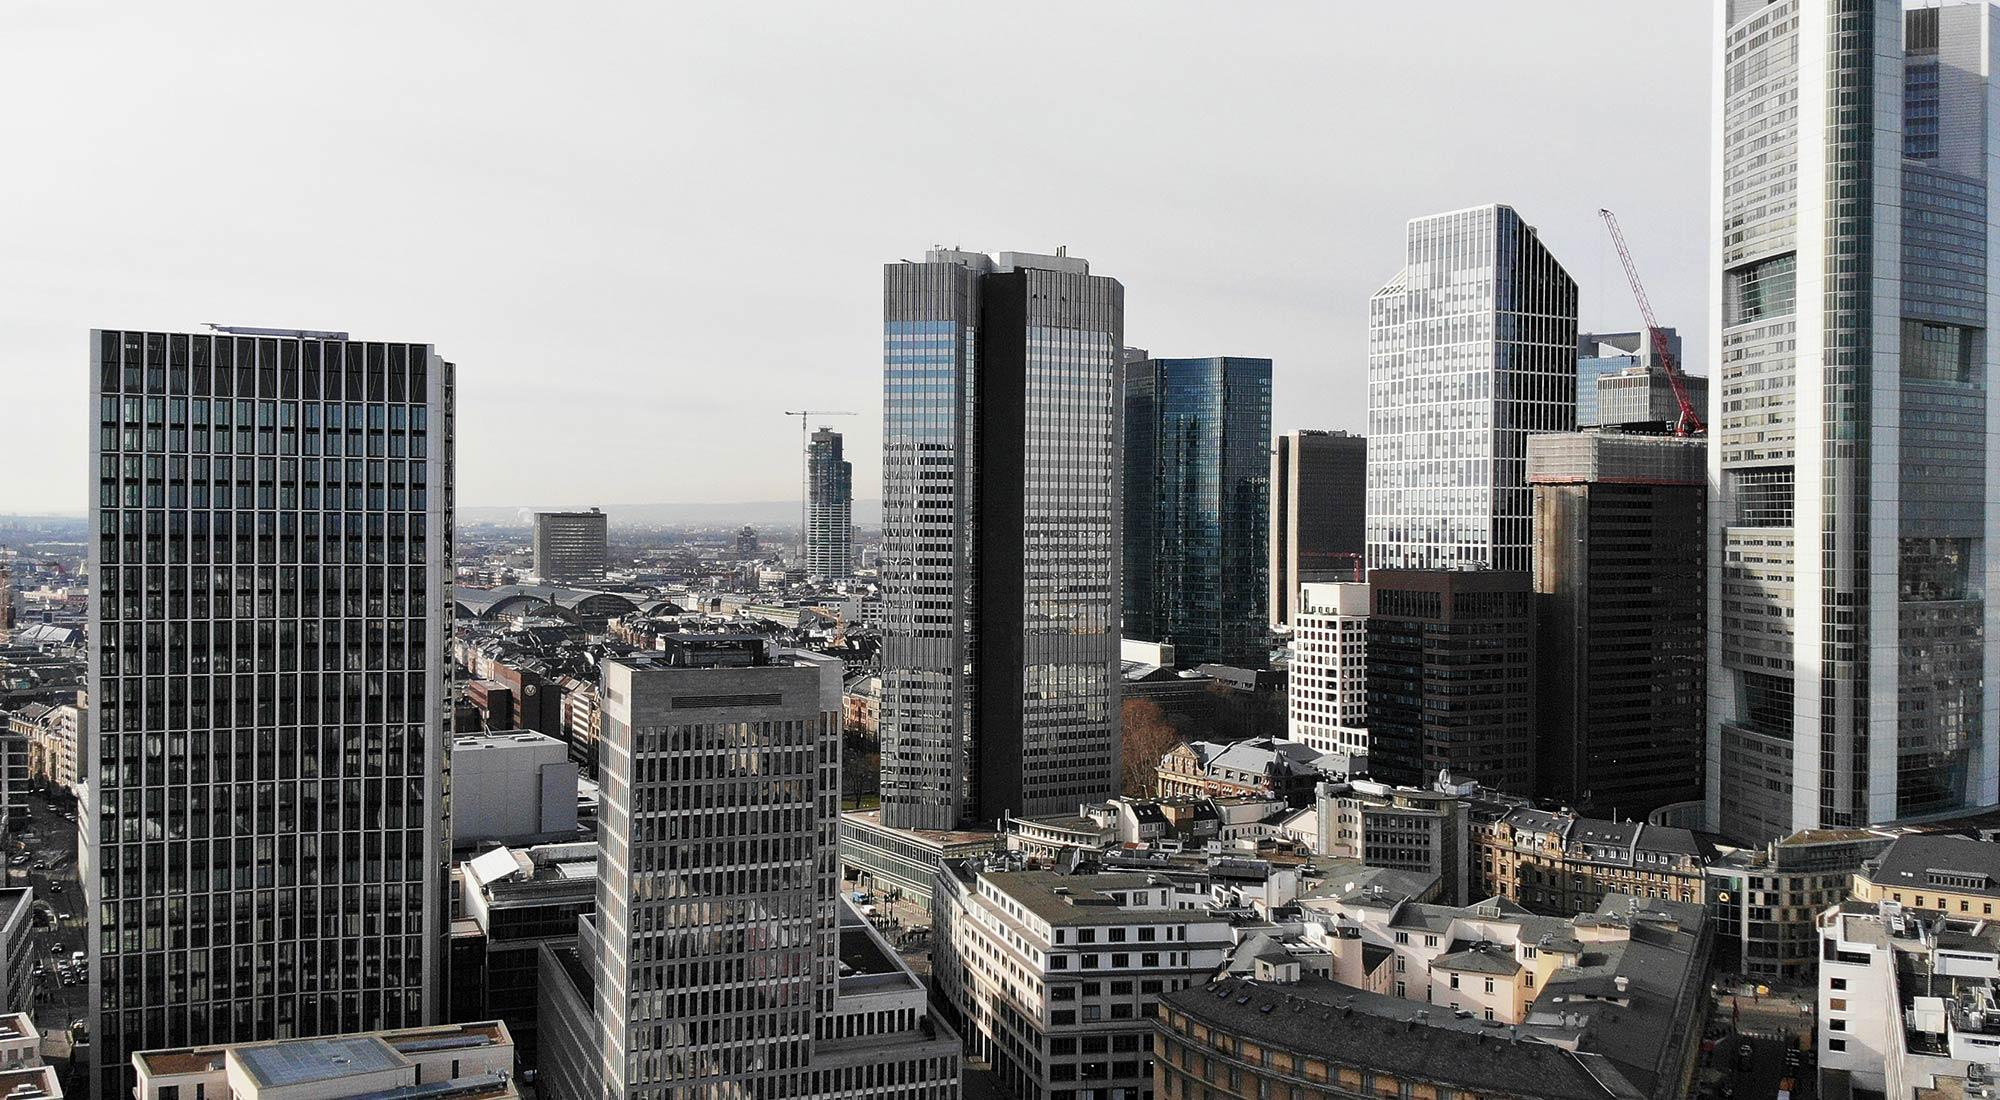 Frankfurter Bankenviertel - Luftbild Wolkenkratzer - Luftaufnahme Hochhäuser - Drohnenaufnahme Bankenviertel